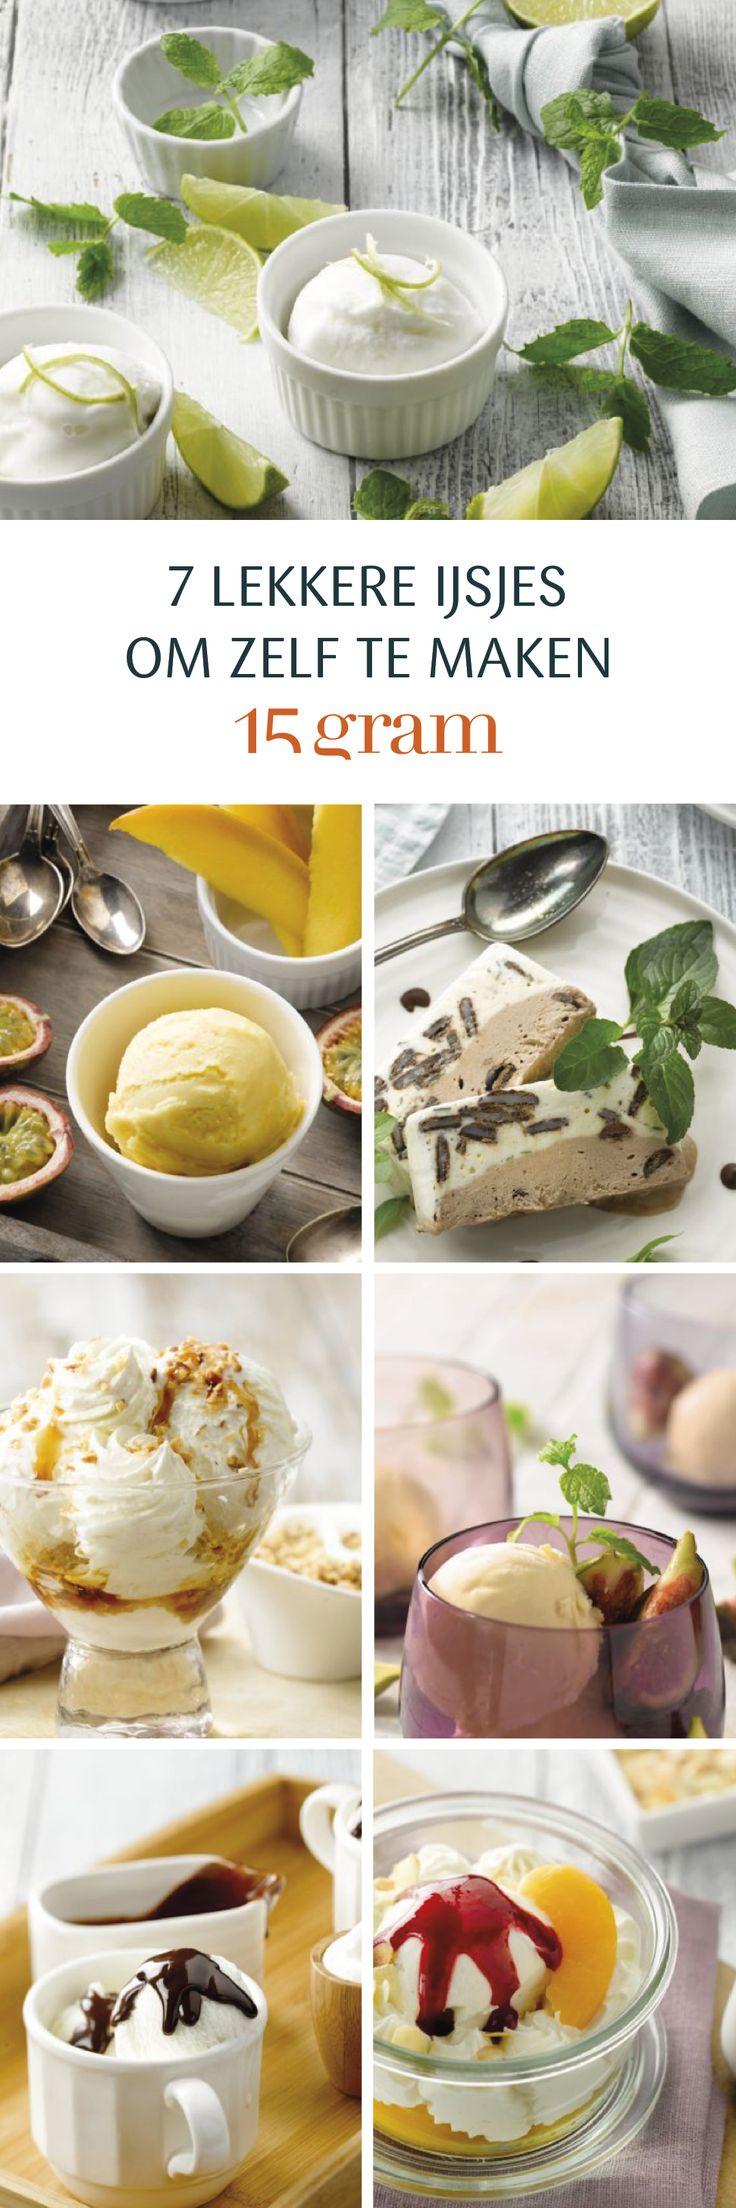 Ik ben dol op dessert en dat is algemeen geweten. Wie mijn blog volgt, weet dat meer dan de helft van mijn recepten zoet zijn: gebak, dessertjes,… het kan niet op. Daar waar ik in de winter het vaakst kies voor taart, gaat mijn voorkeur in de zomer steevast uit naar ijs. I scream for icecream! Alle soorten ijsjes: roomijs in een hoorntje of uit een kommetje, een frisse sorbet of een 'schelleke' semifreddo, het kan me allemaal bekoren!